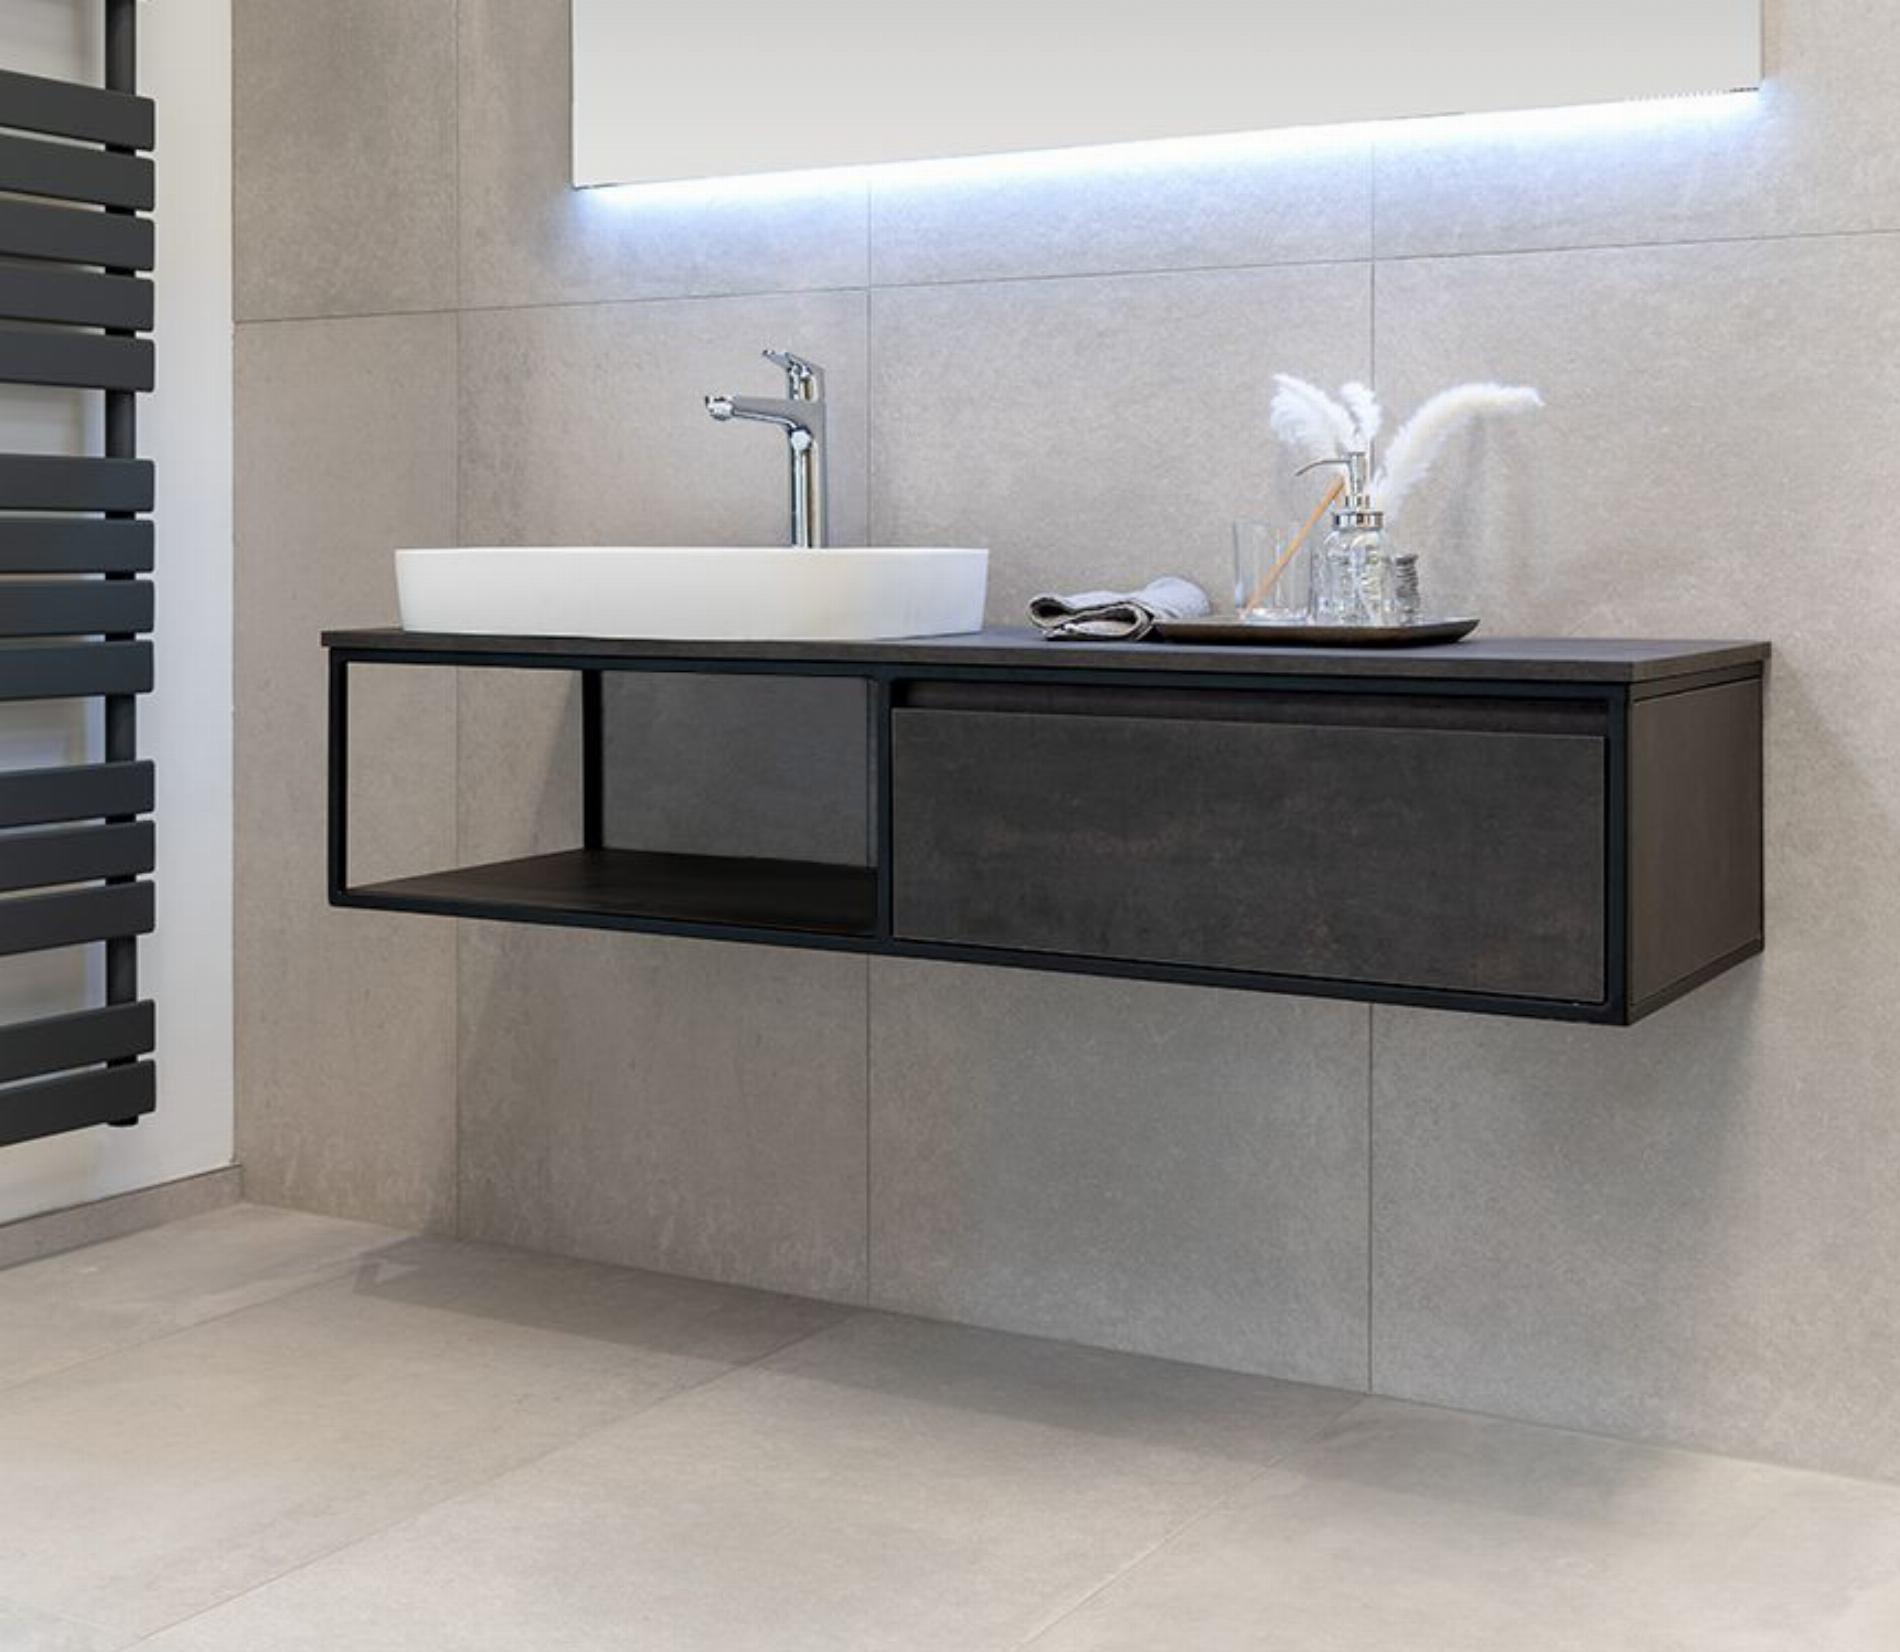 Badmöbel Unterschrank REED (HPL / beton) ohne Waschtisch